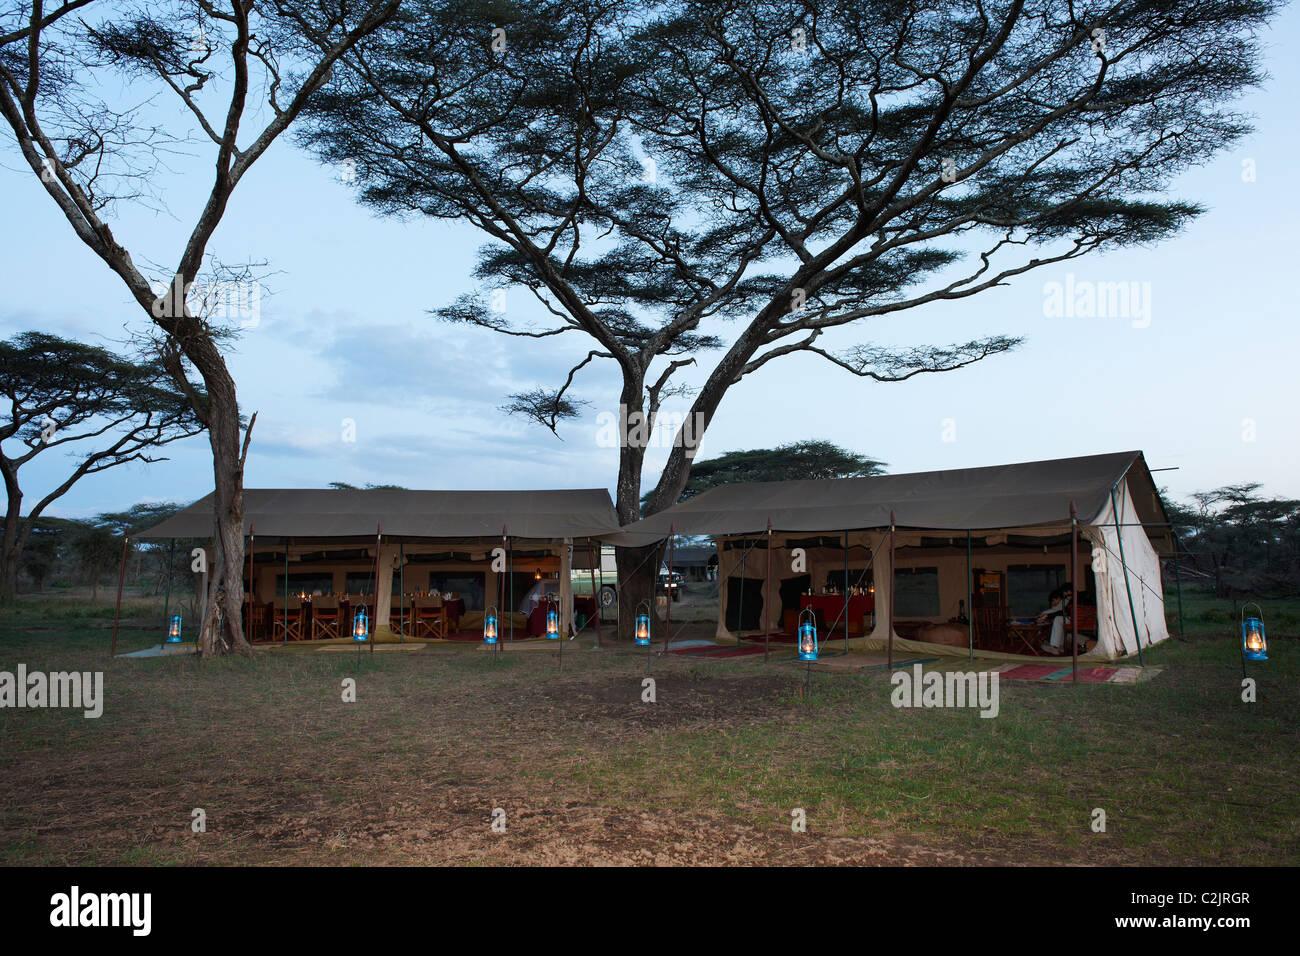 Hauptzelt unter Baum der Serengeti Safari eher Camp in der Wildnis der Serengeti, Tansania, Afrika Stockbild